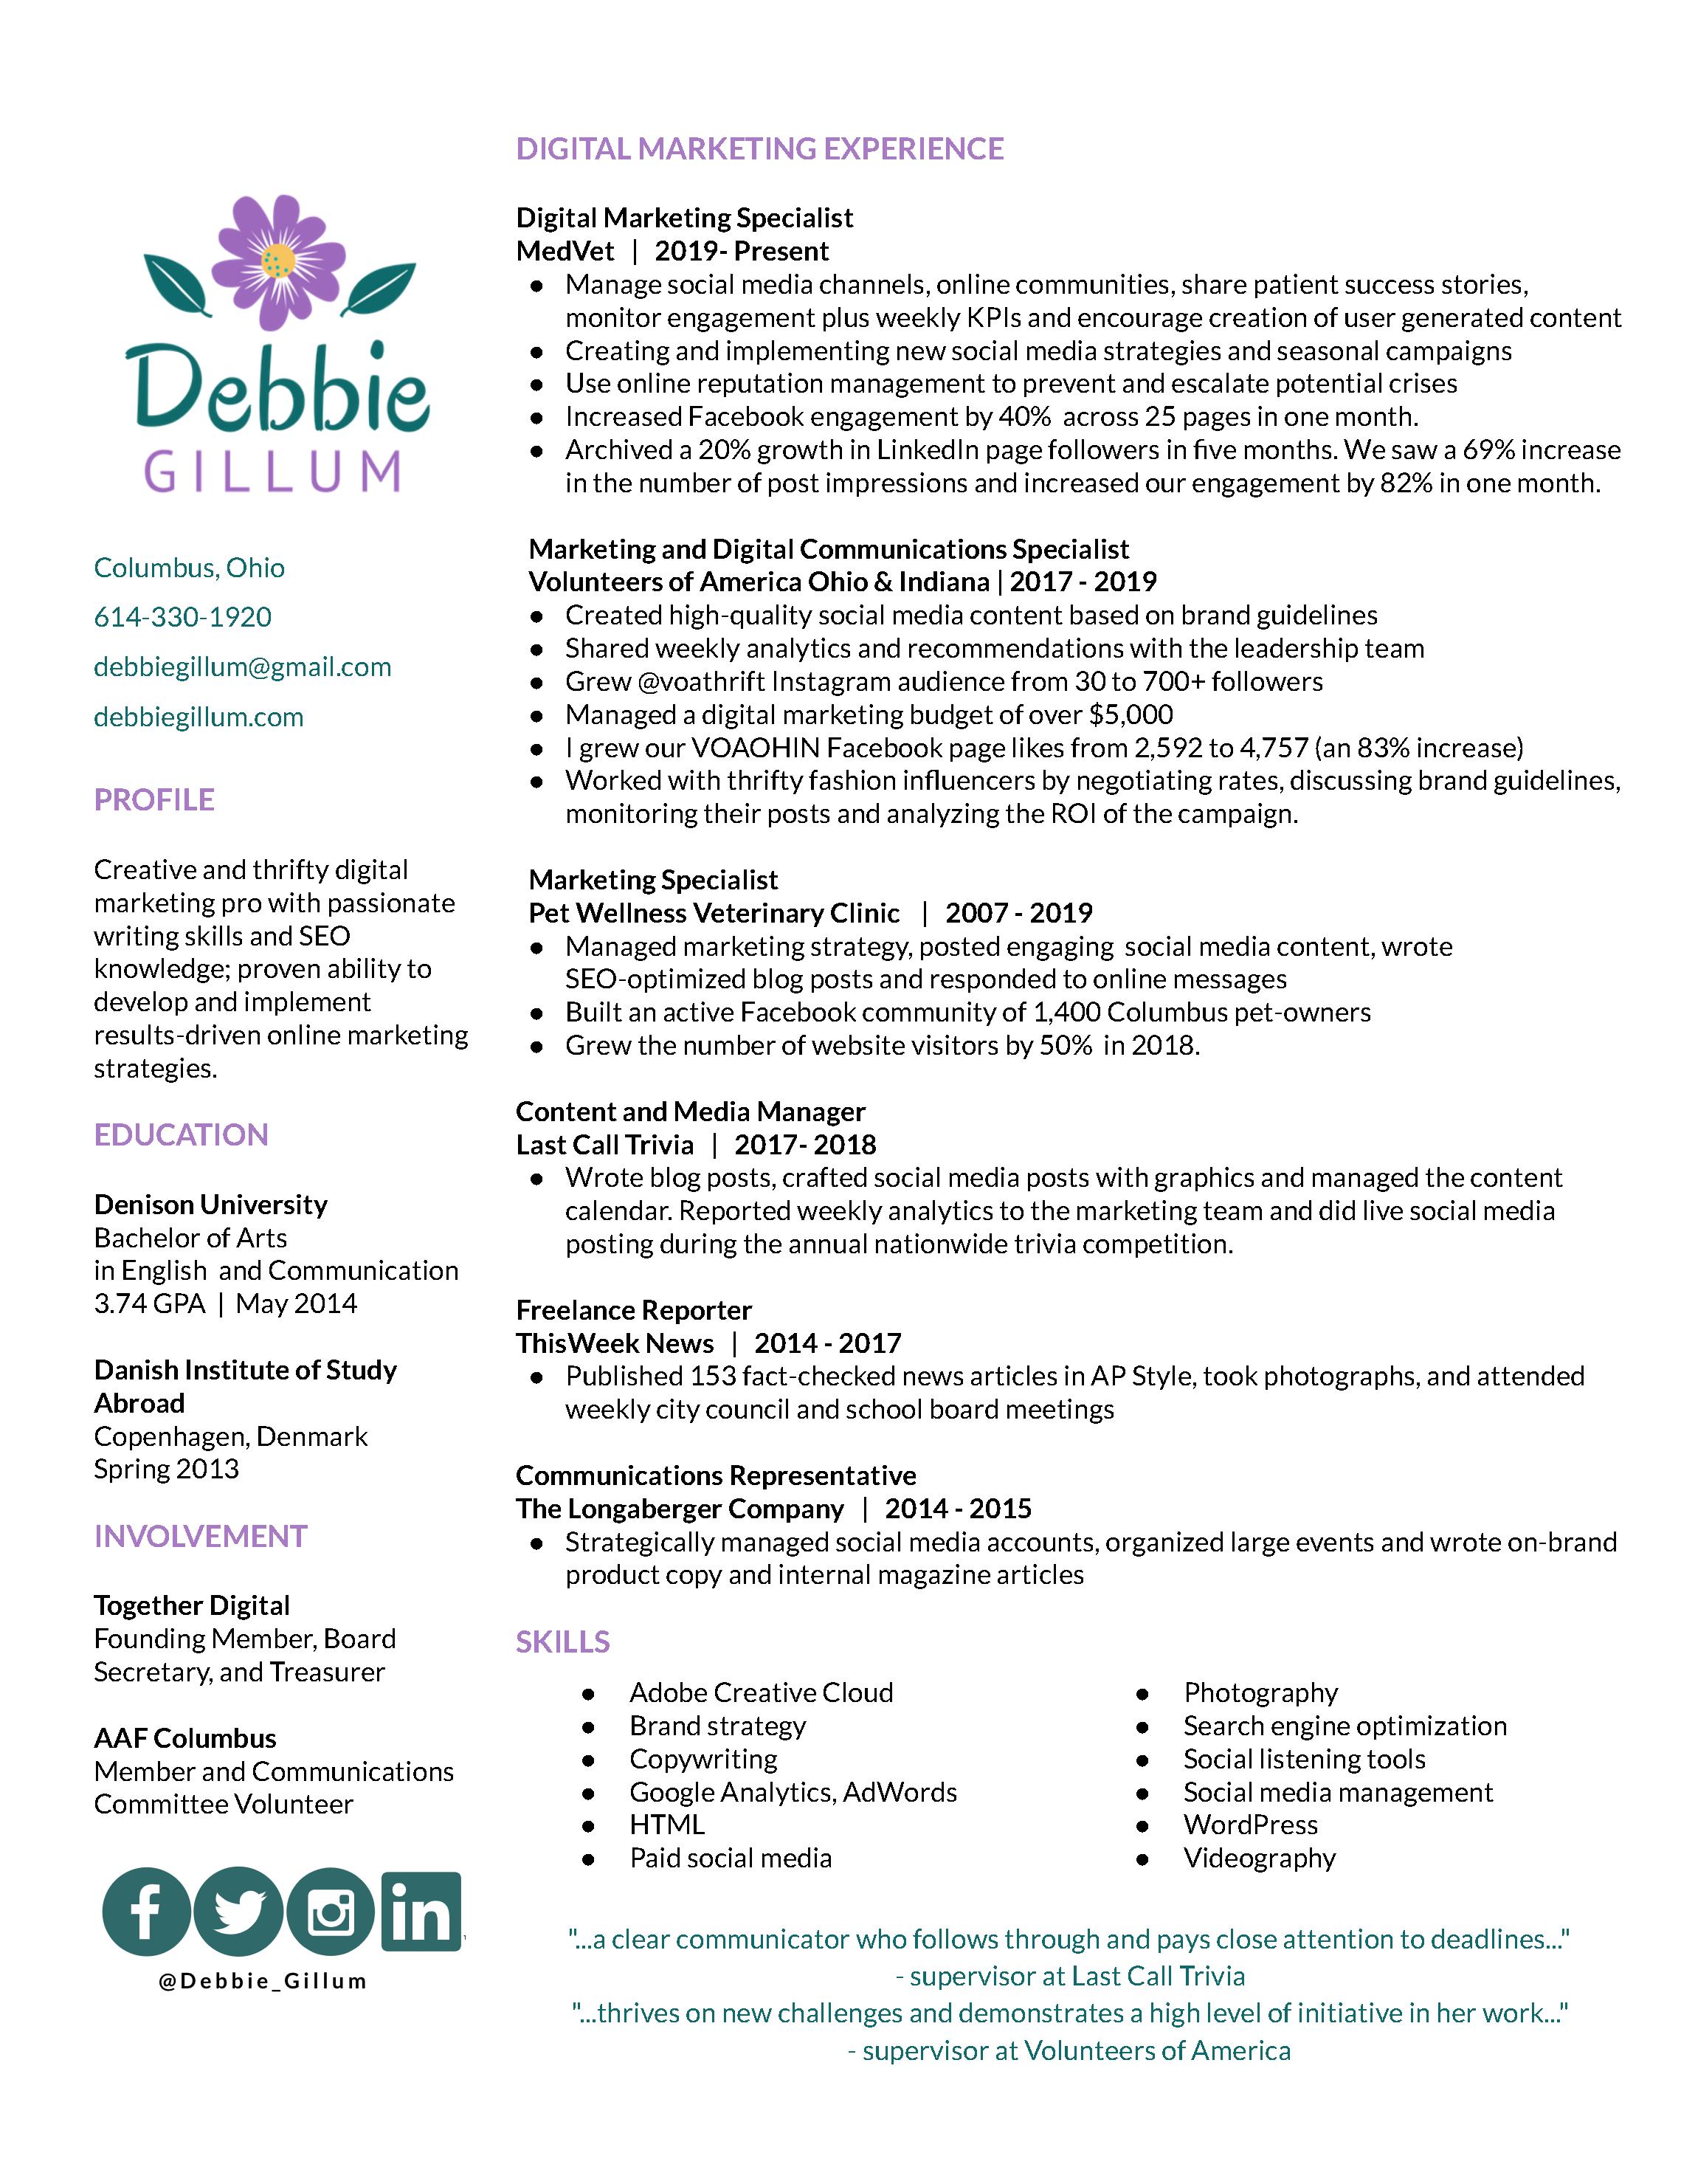 Debbie Gillum Digital Marketing Social Media Resume